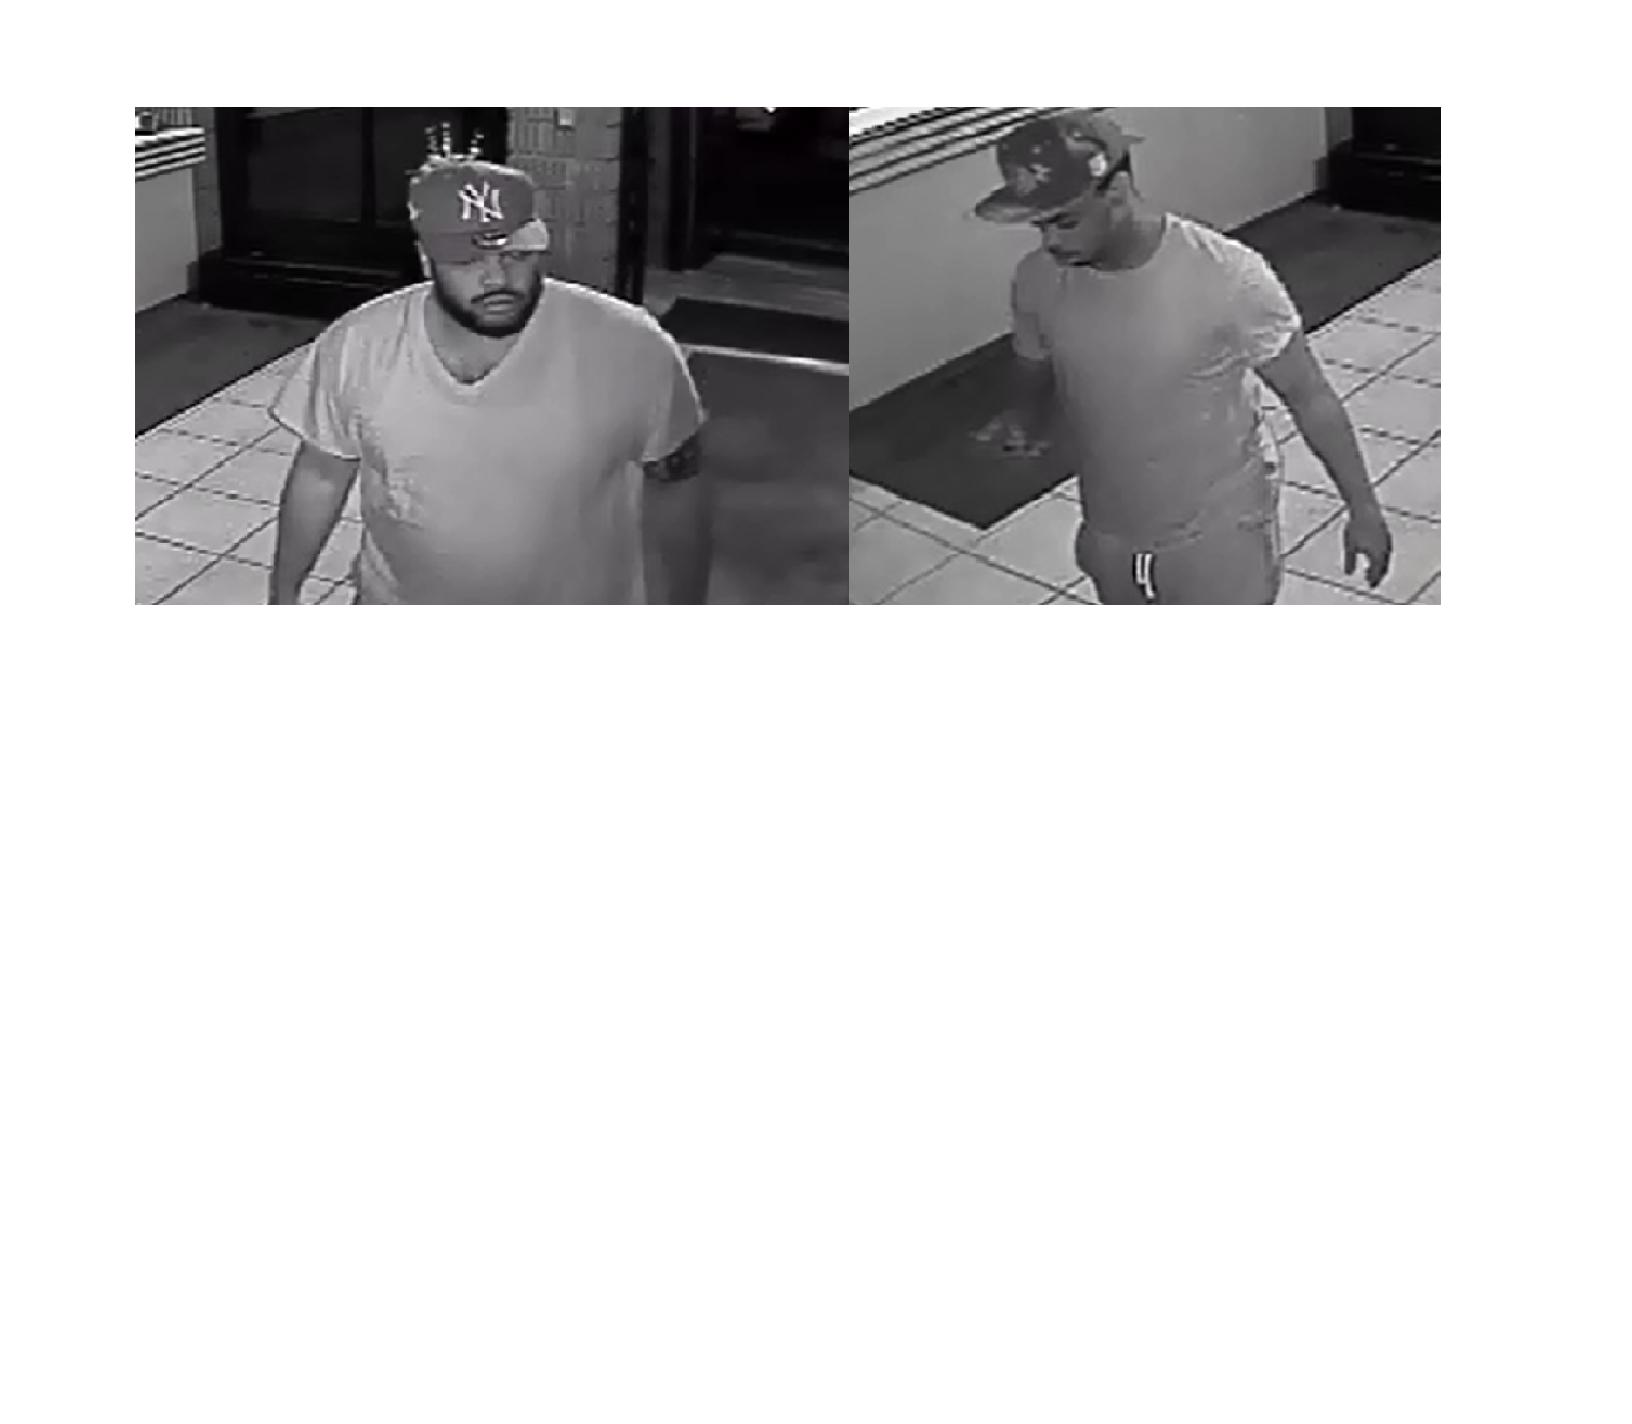 c9fc3ae2733e75588d76_RCI_suspects.jpg